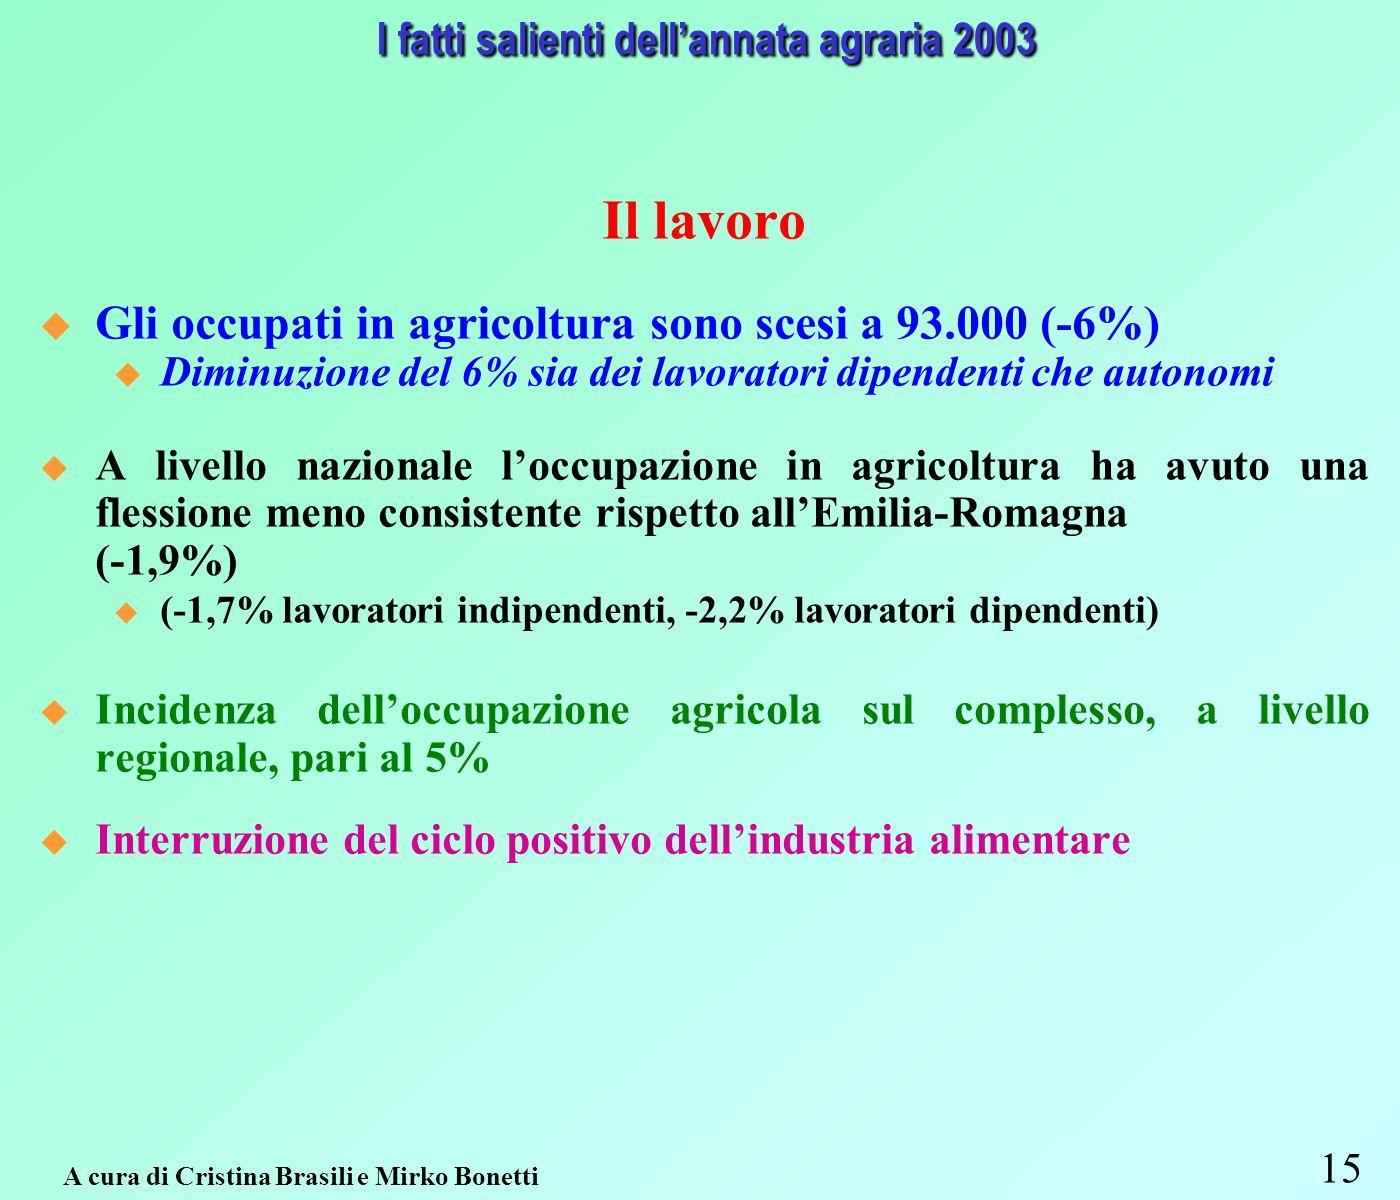 15 A cura di Cristina Brasili e Mirko Bonetti I fatti salienti dellannata agraria 2003 Il lavoro Gli occupati in agricoltura sono scesi a 93.000 (-6%) u Diminuzione del 6% sia dei lavoratori dipendenti che autonomi A livello nazionale loccupazione in agricoltura ha avuto una flessione meno consistente rispetto allEmilia-Romagna (-1,9%) u (-1,7% lavoratori indipendenti, -2,2% lavoratori dipendenti) Incidenza delloccupazione agricola sul complesso, a livello regionale, pari al 5% Interruzione del ciclo positivo dellindustria alimentare